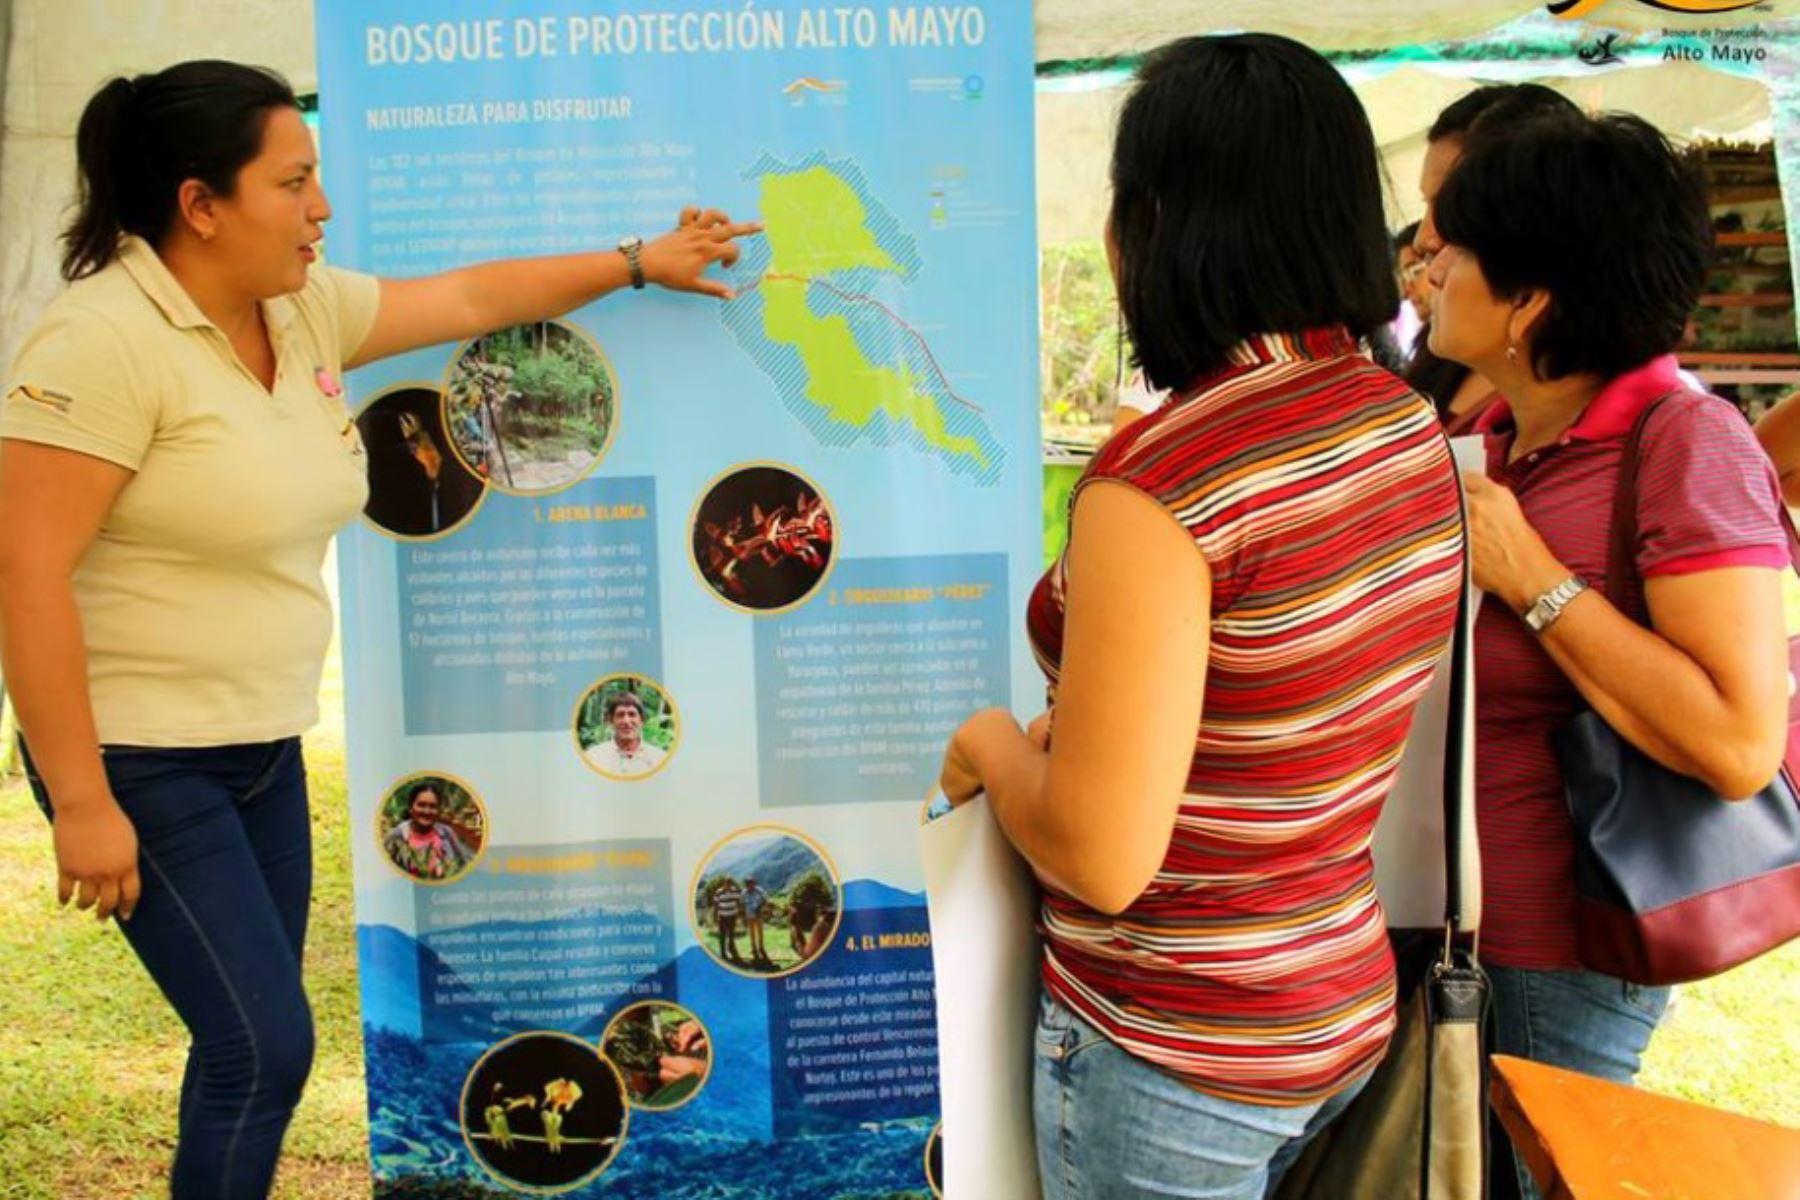 El Servicio Nacional de Áreas Naturales Protegidas por el Estado (Sernanp) lanzó hoy la convocatoria para la conformación de la tercera brigada de Hinchas de la Conservación del Bosque de Protección Alto Mayo, en la región San Martín.